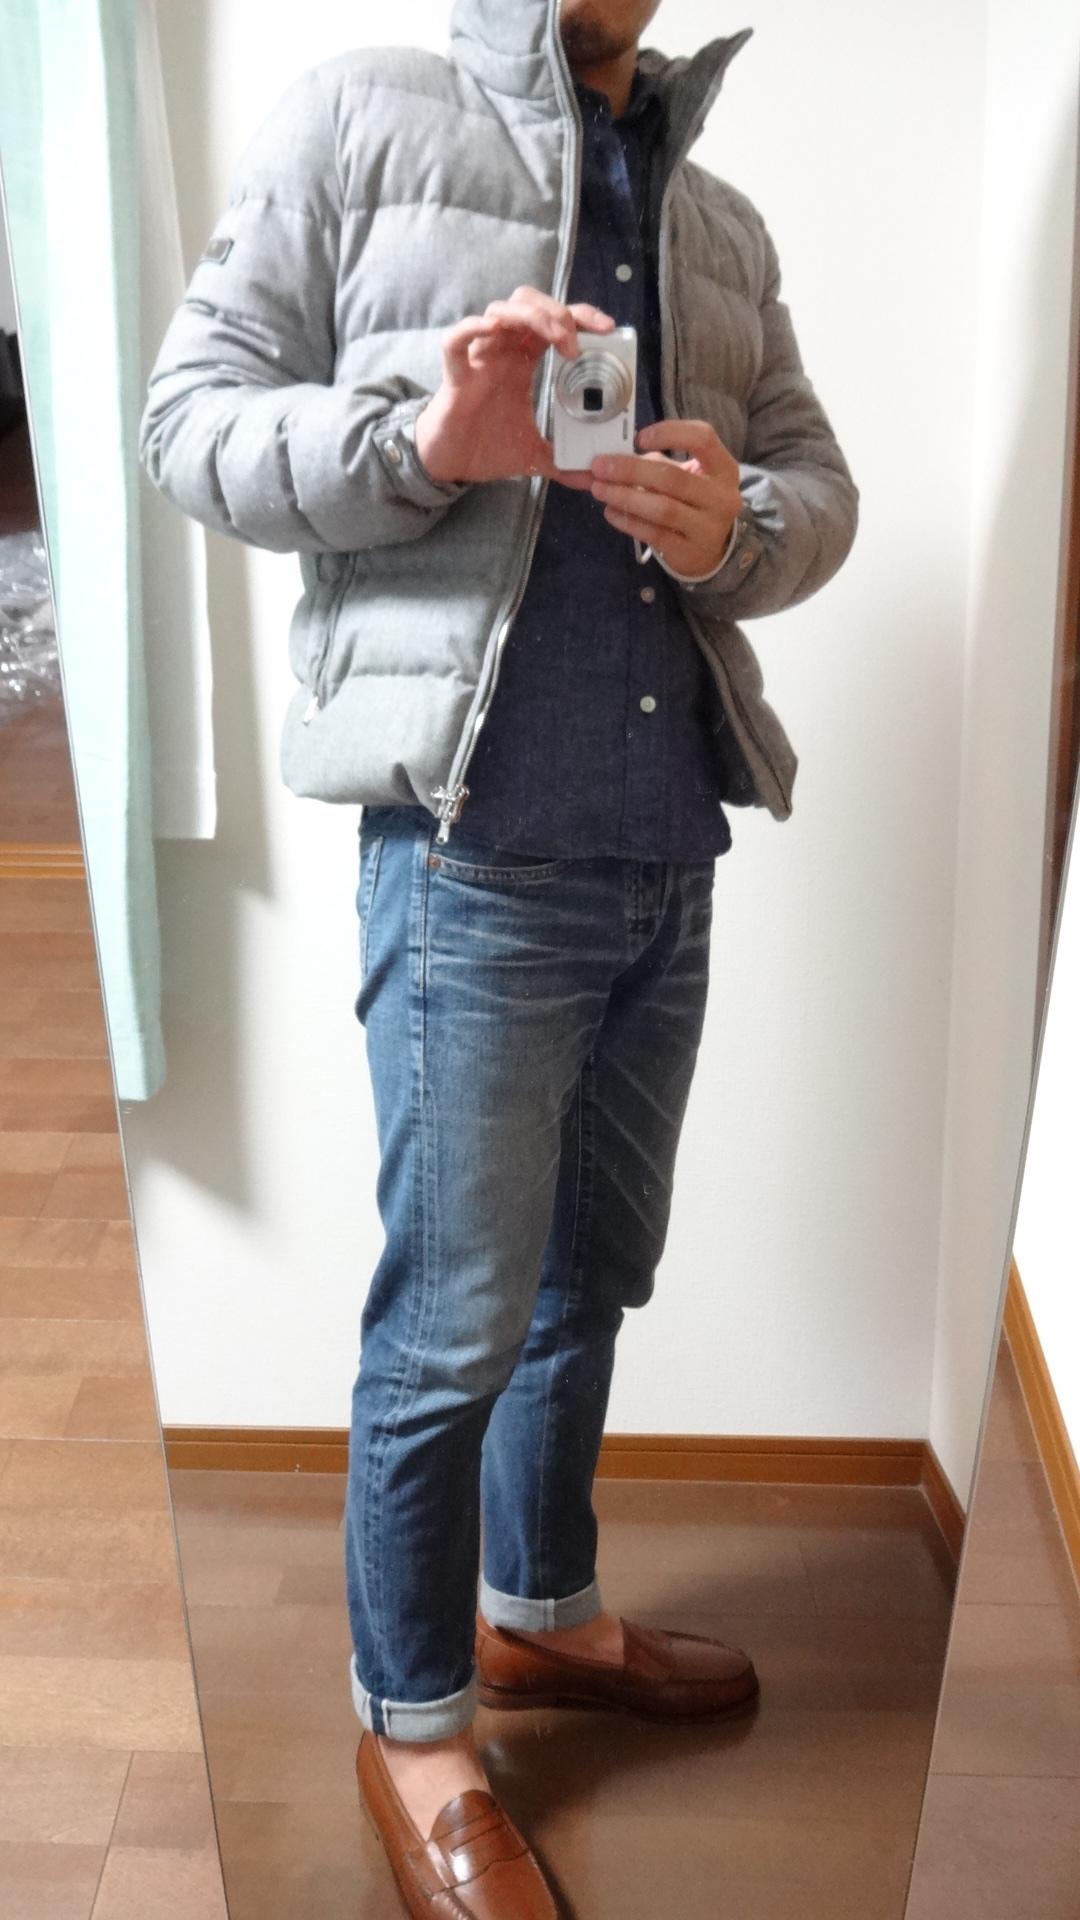 春夏ではトレンドだった?ローファーも真冬にもなれば、以前の様にショートソックスで履くのも、すこし気が引けます。